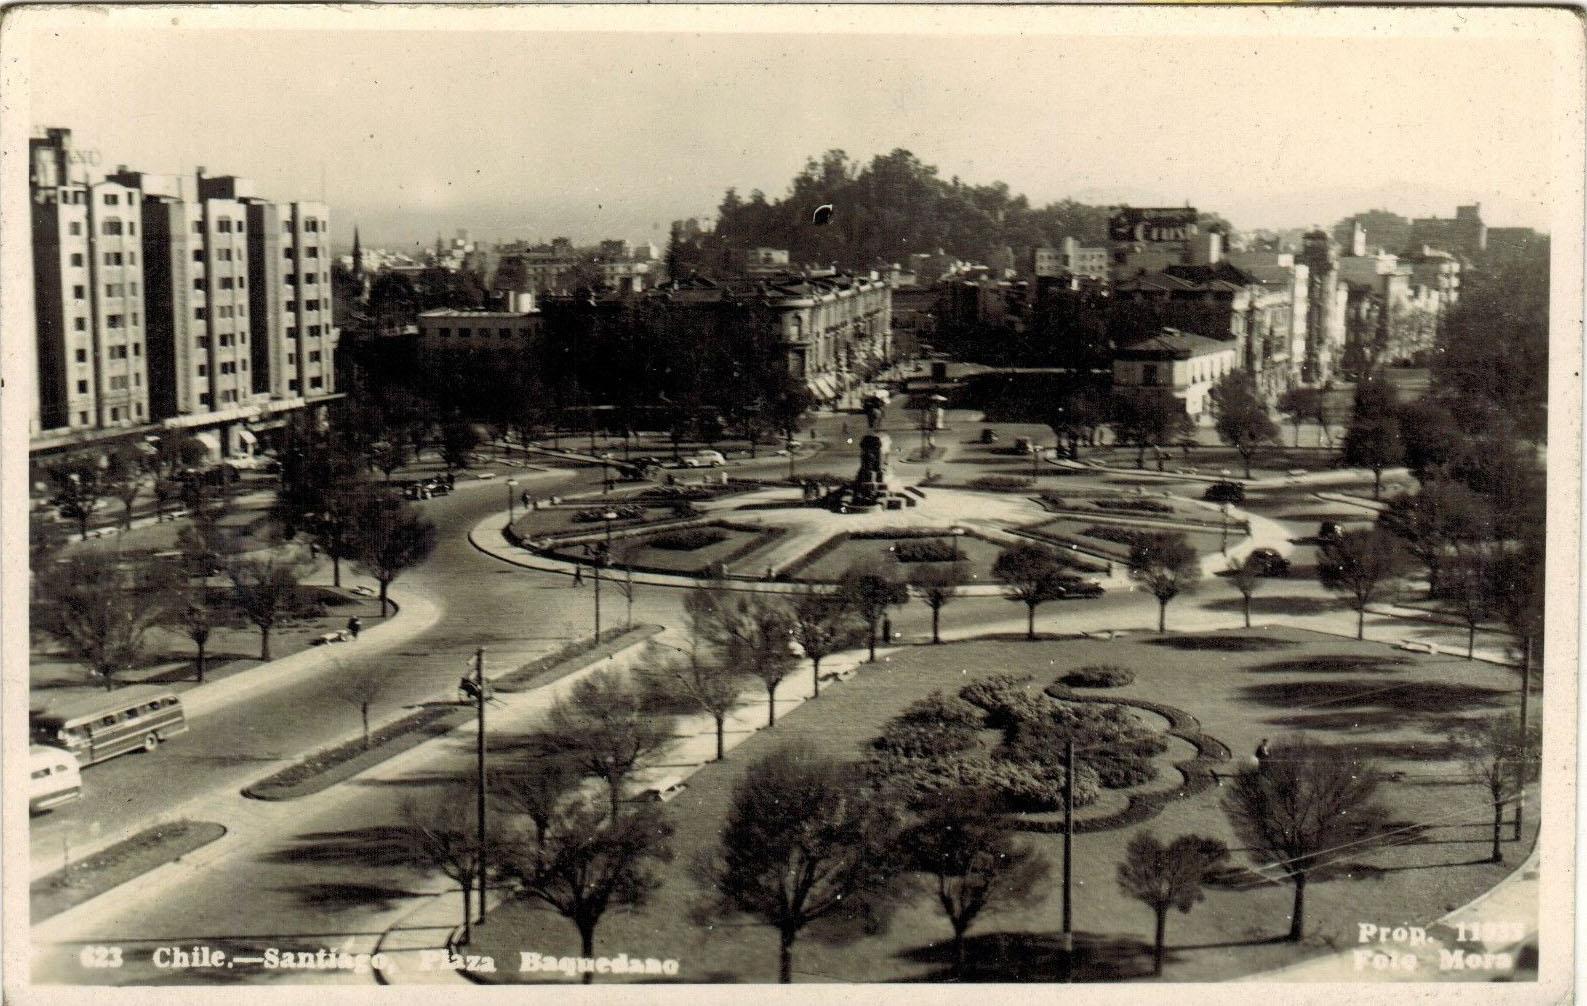 Enterreno - Fotos históricas de chile - fotos antiguas de Chile - Plaza Baquedano de Santiago en 1948